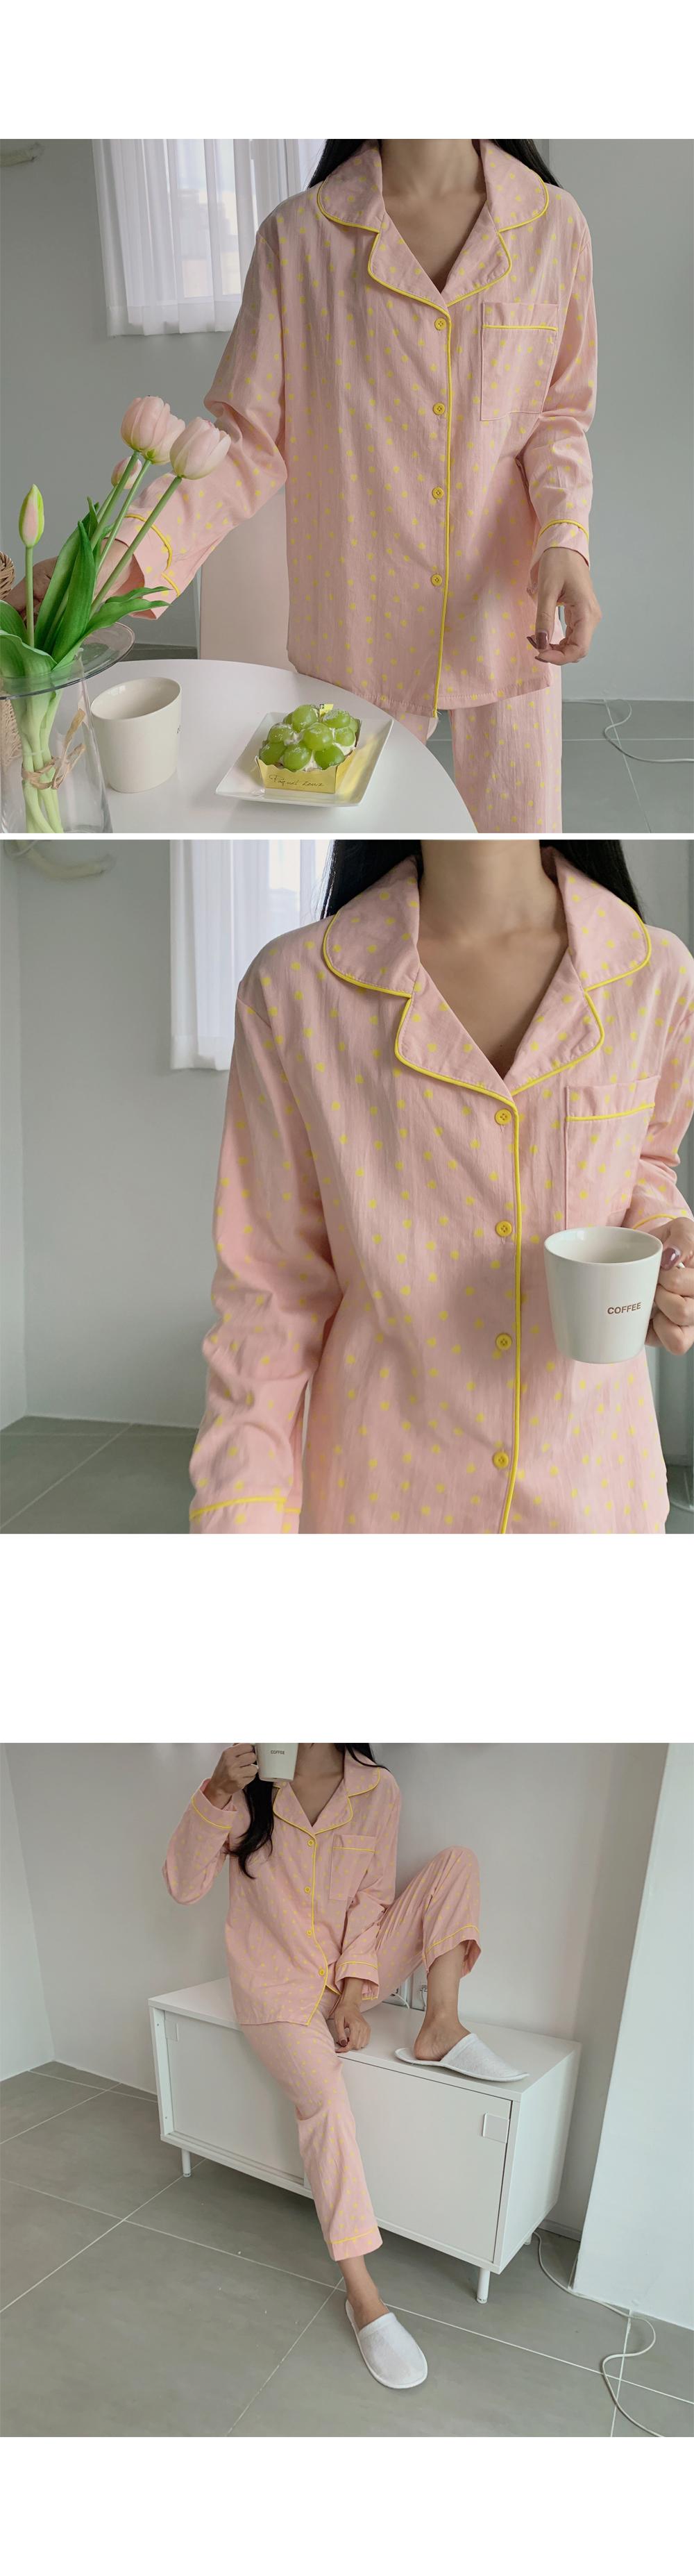 Polka Dot Pajama Set-holiholic.com